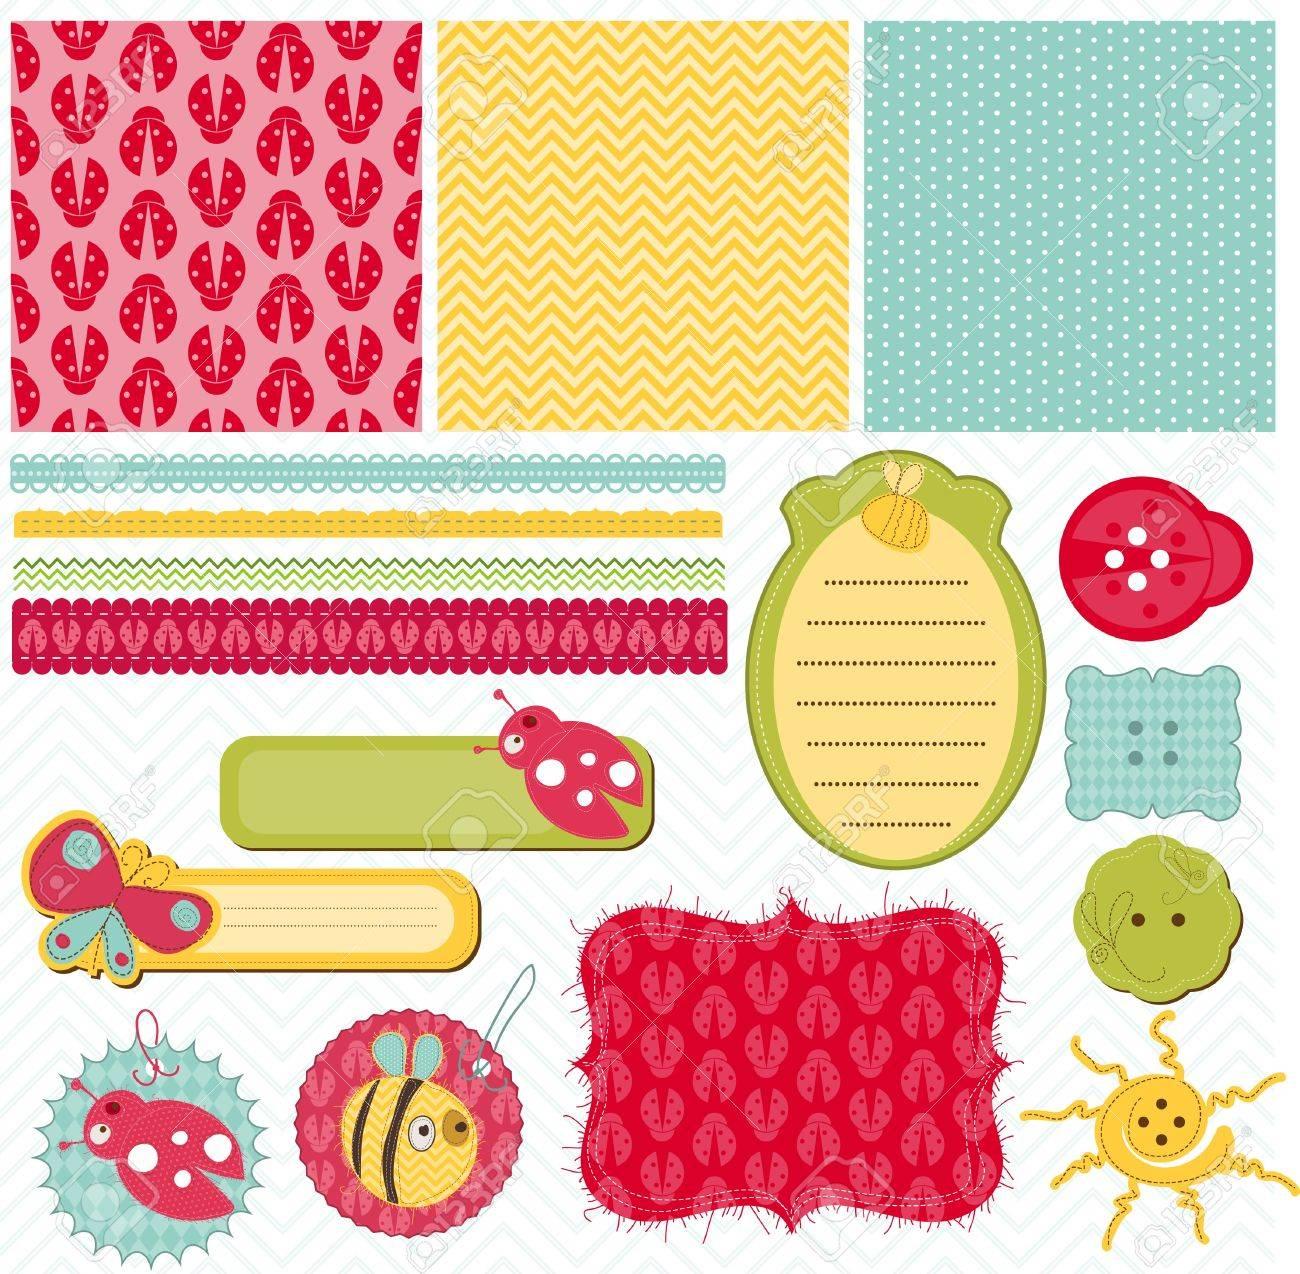 Scrapbook paper designs - Design Elements For Baby Scrapbook Stock Vector 9253001